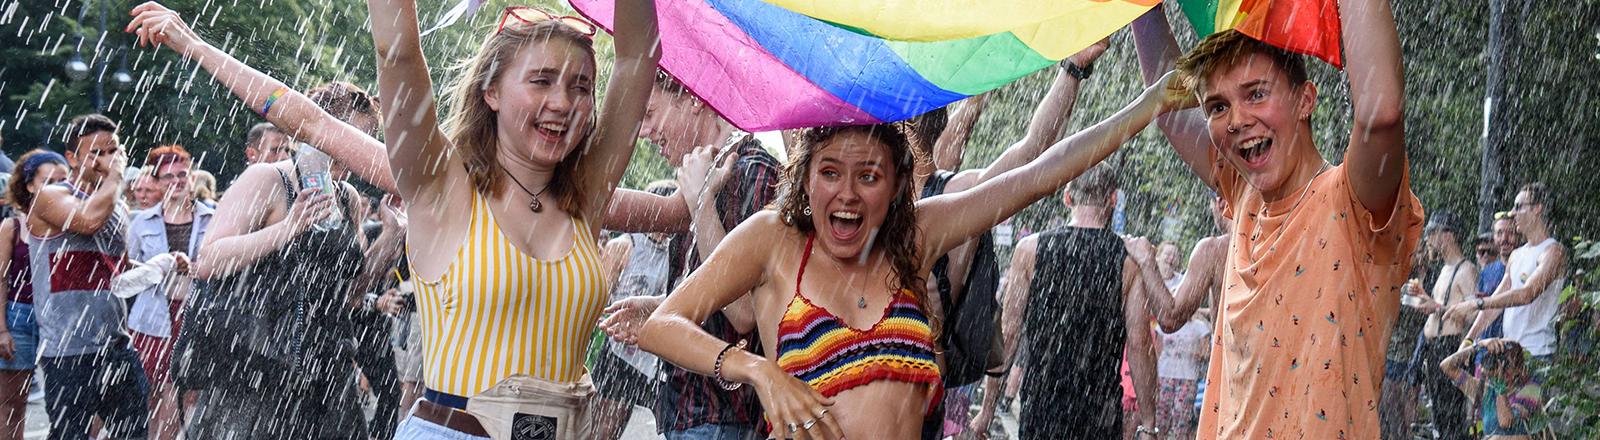 Drei Personen stehen unter einer Regenbogenflagge und sie werden mit Wasser bespritzt.